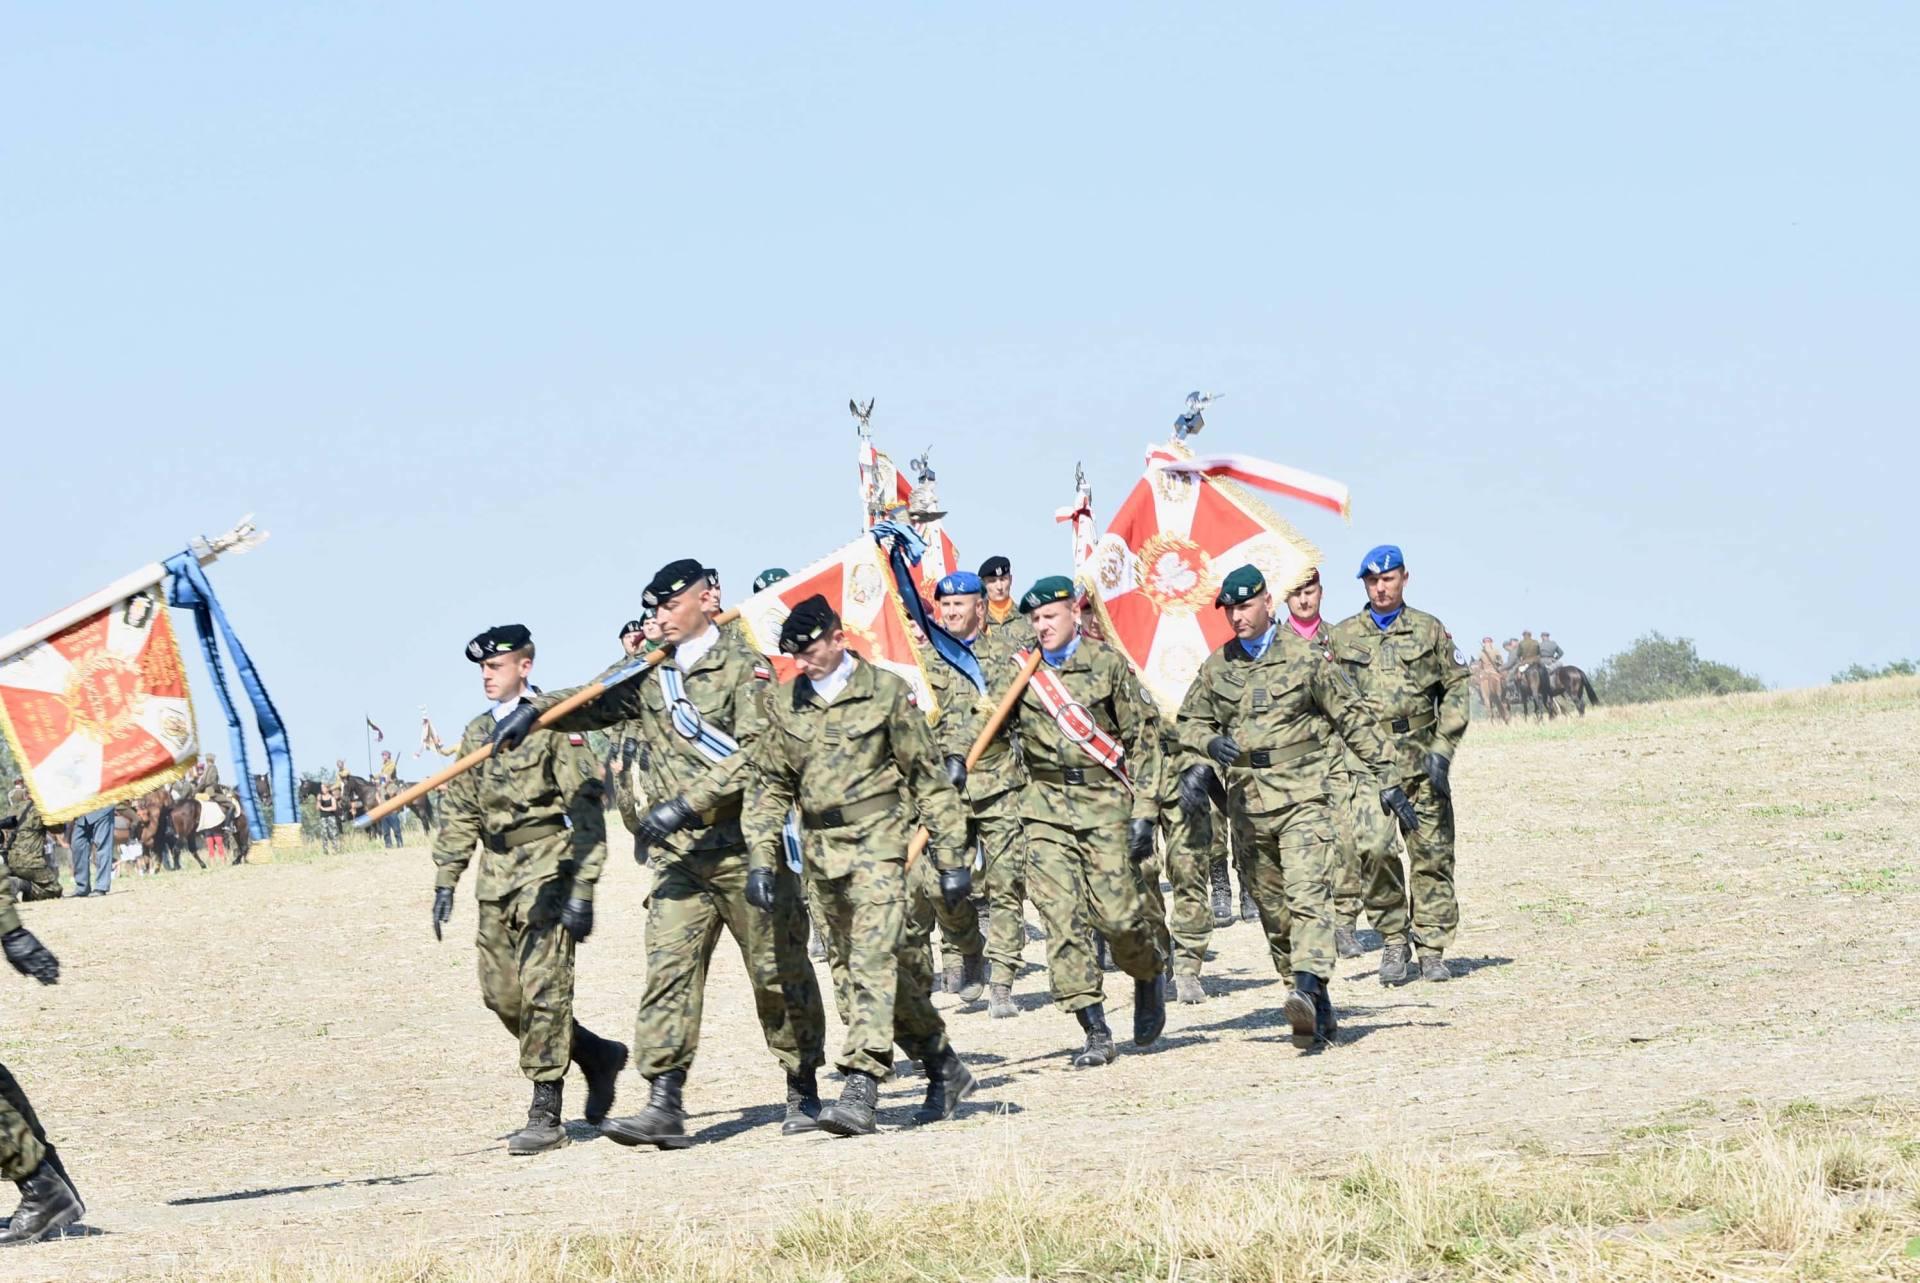 dsc 0583 Czas szabli - 100 rocznica bitwy pod Komarowem(zdjęcia)